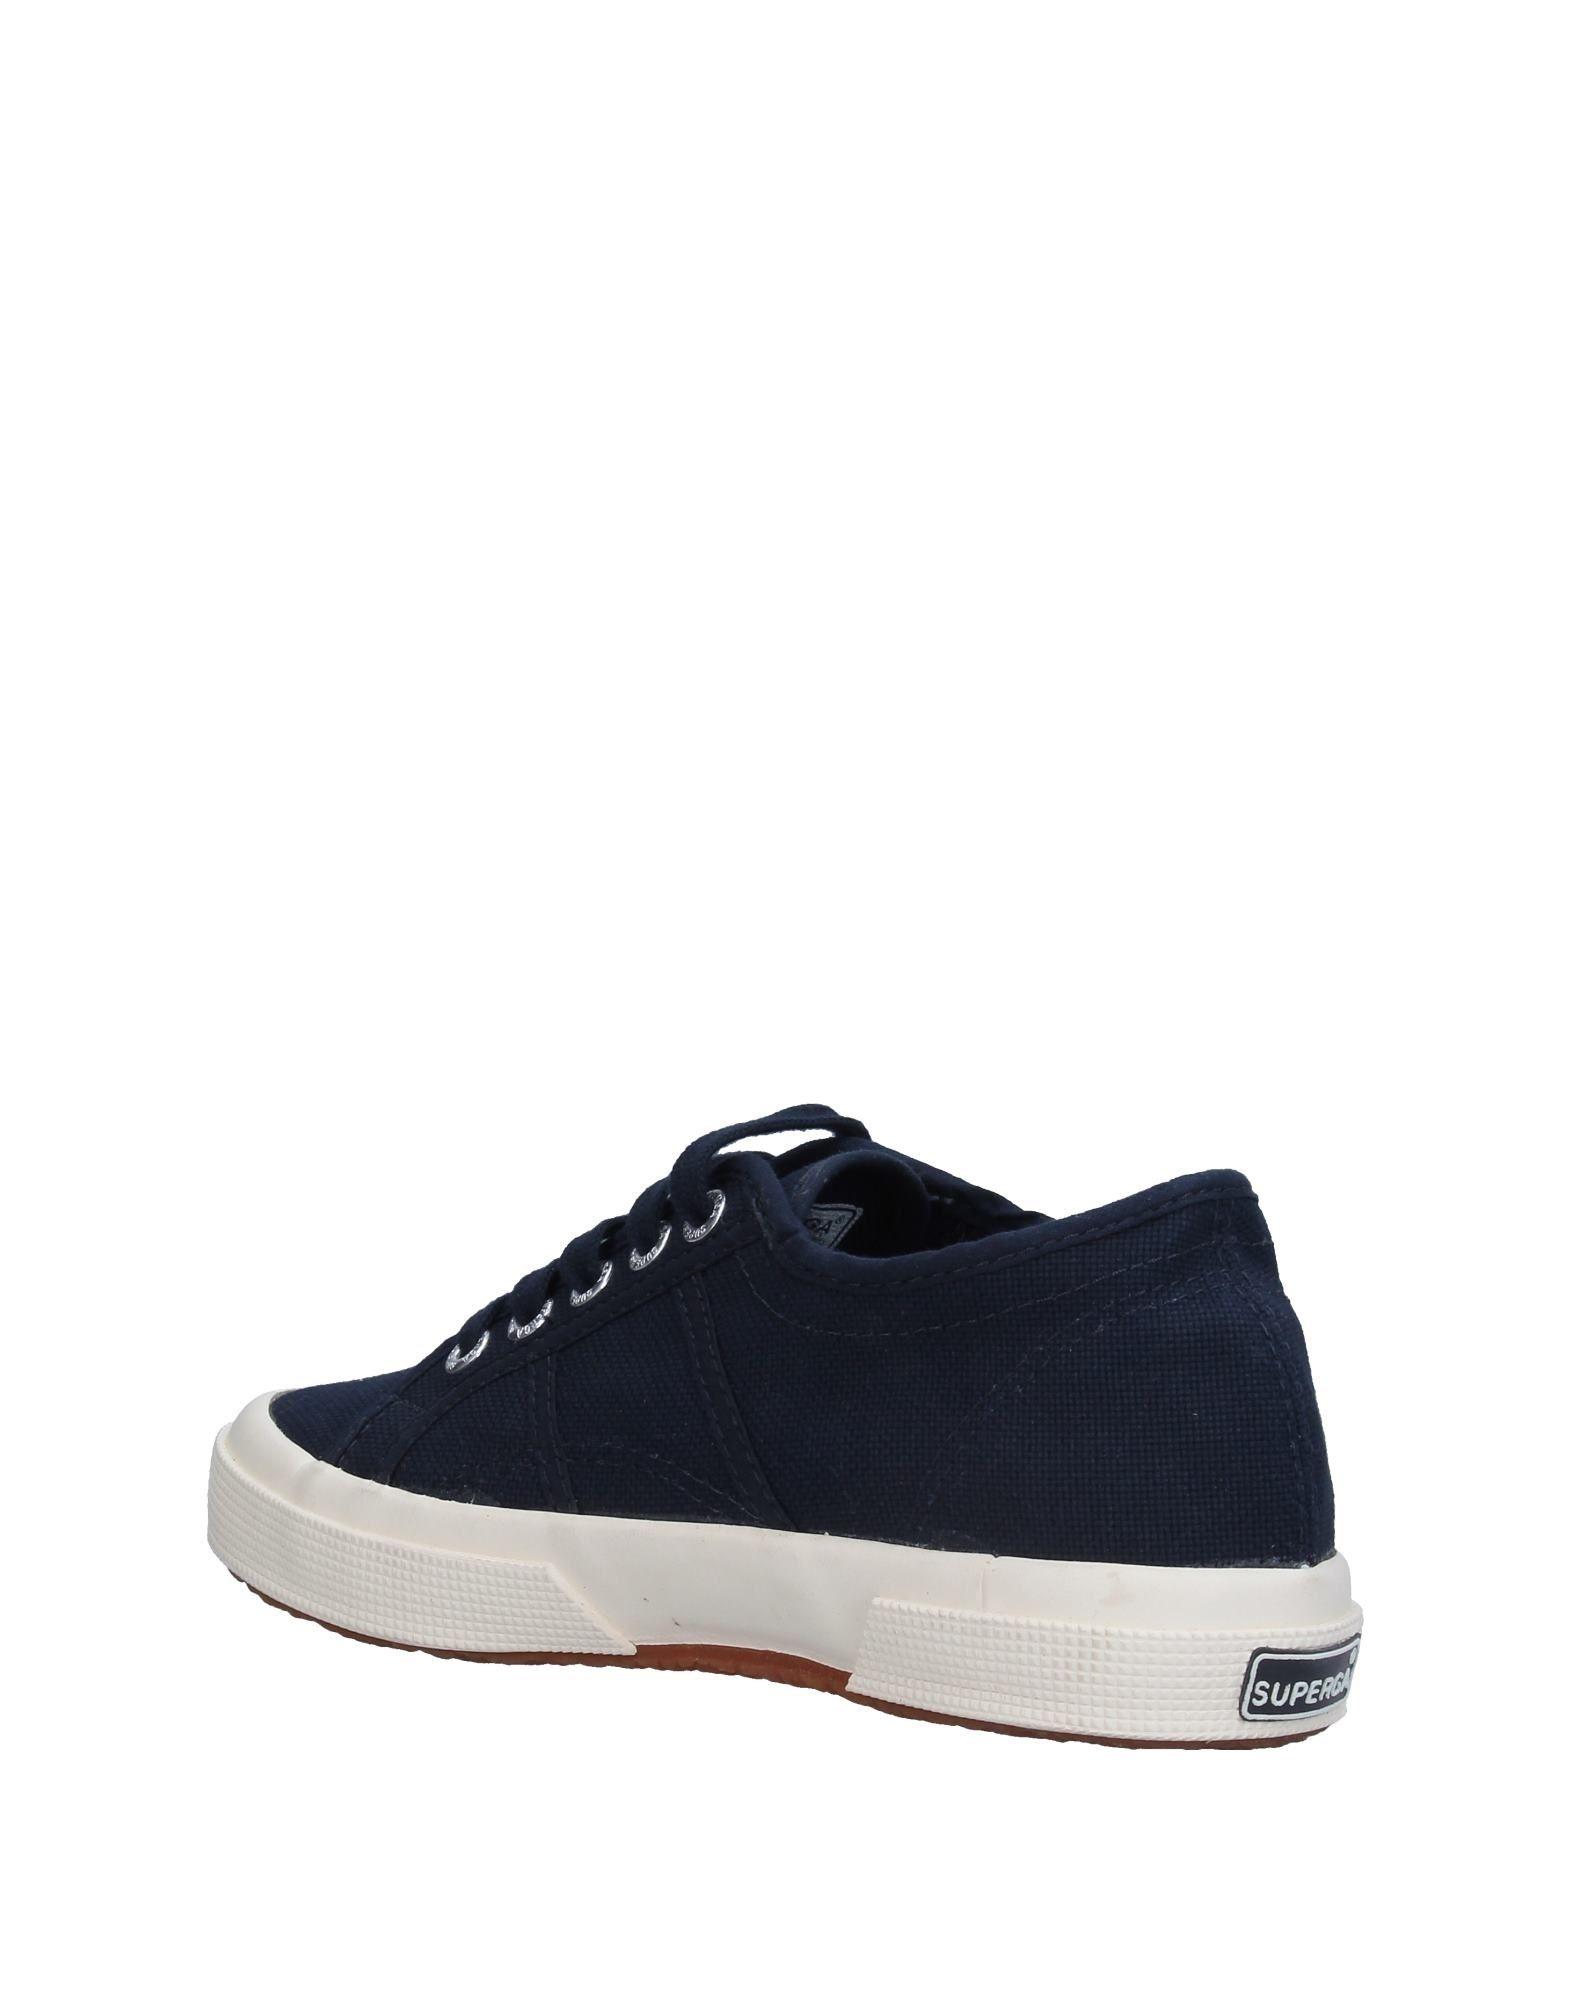 Superga® Sneakers Damen Damen Sneakers  11291443VP b0f05b